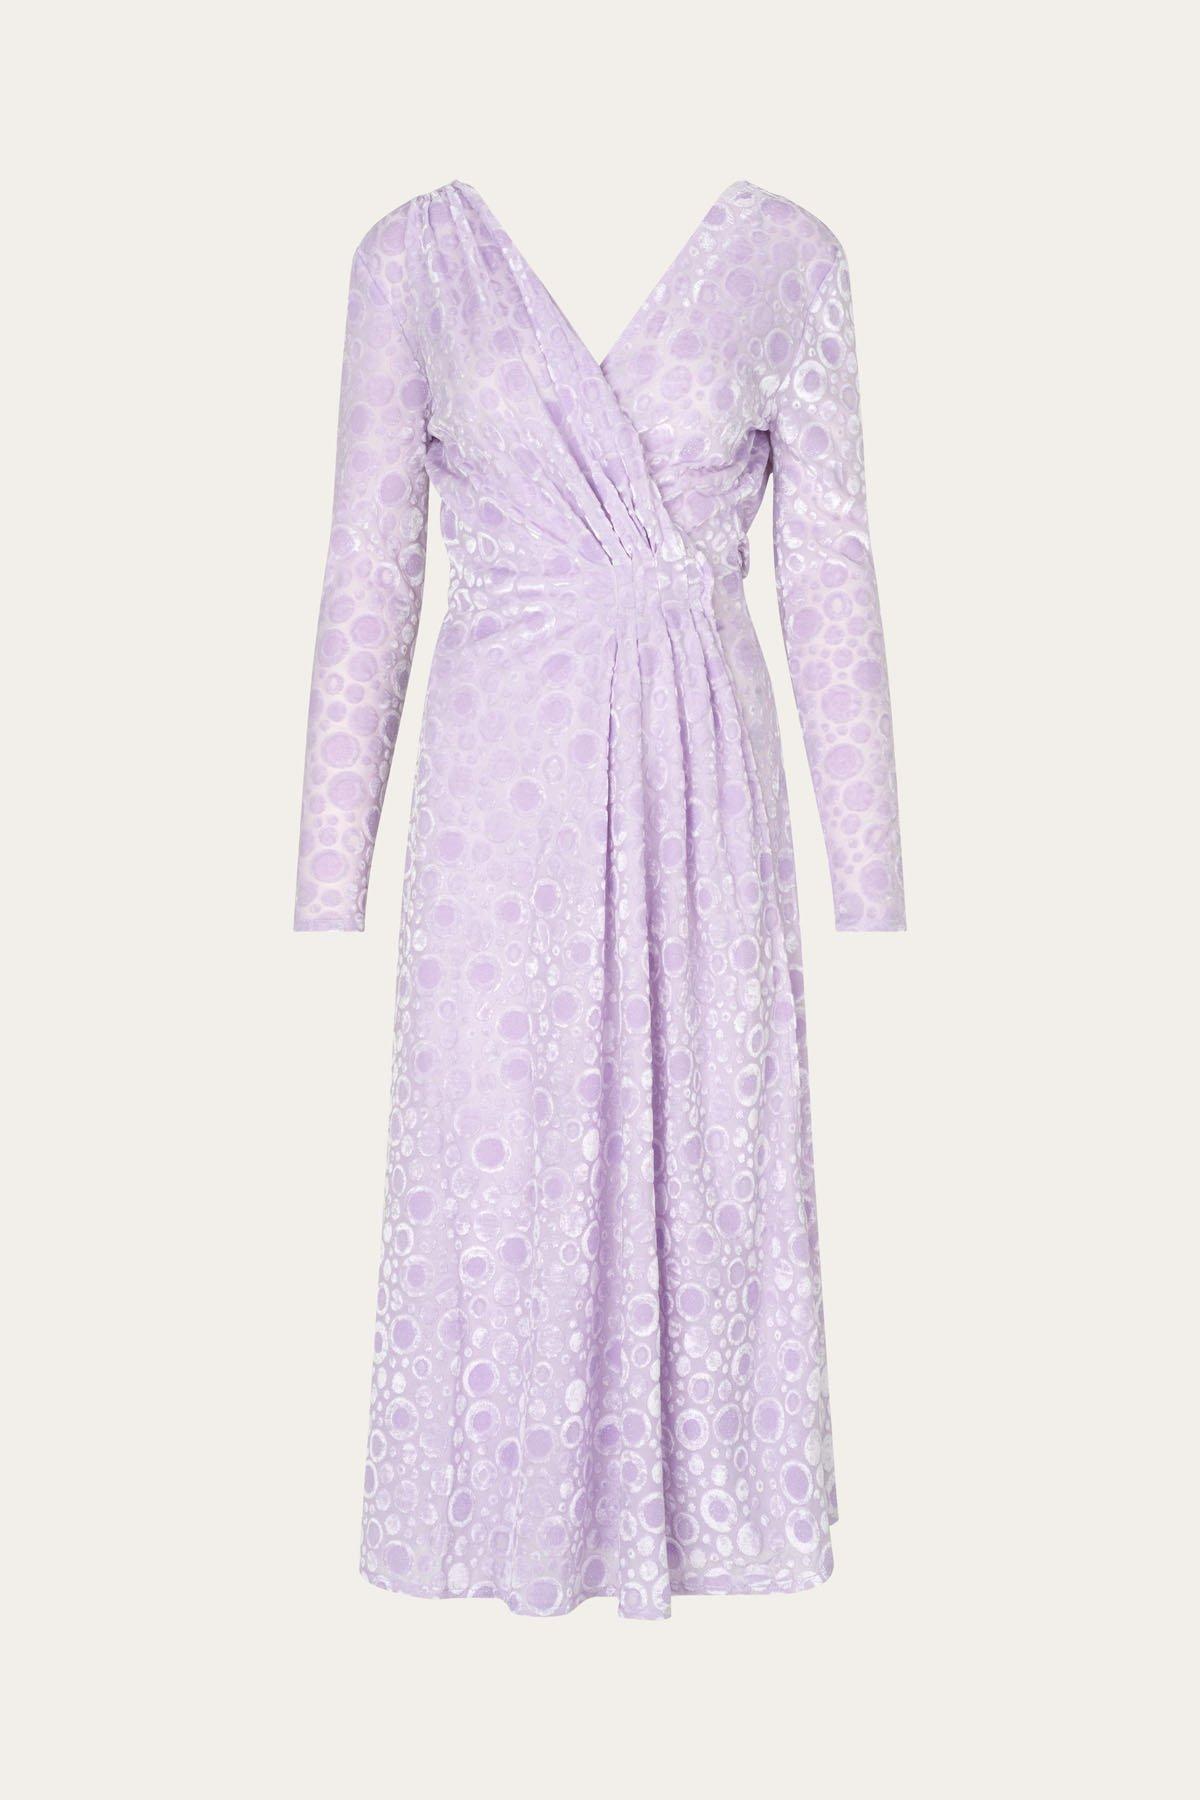 Syrinlilla kjoler med V-hals